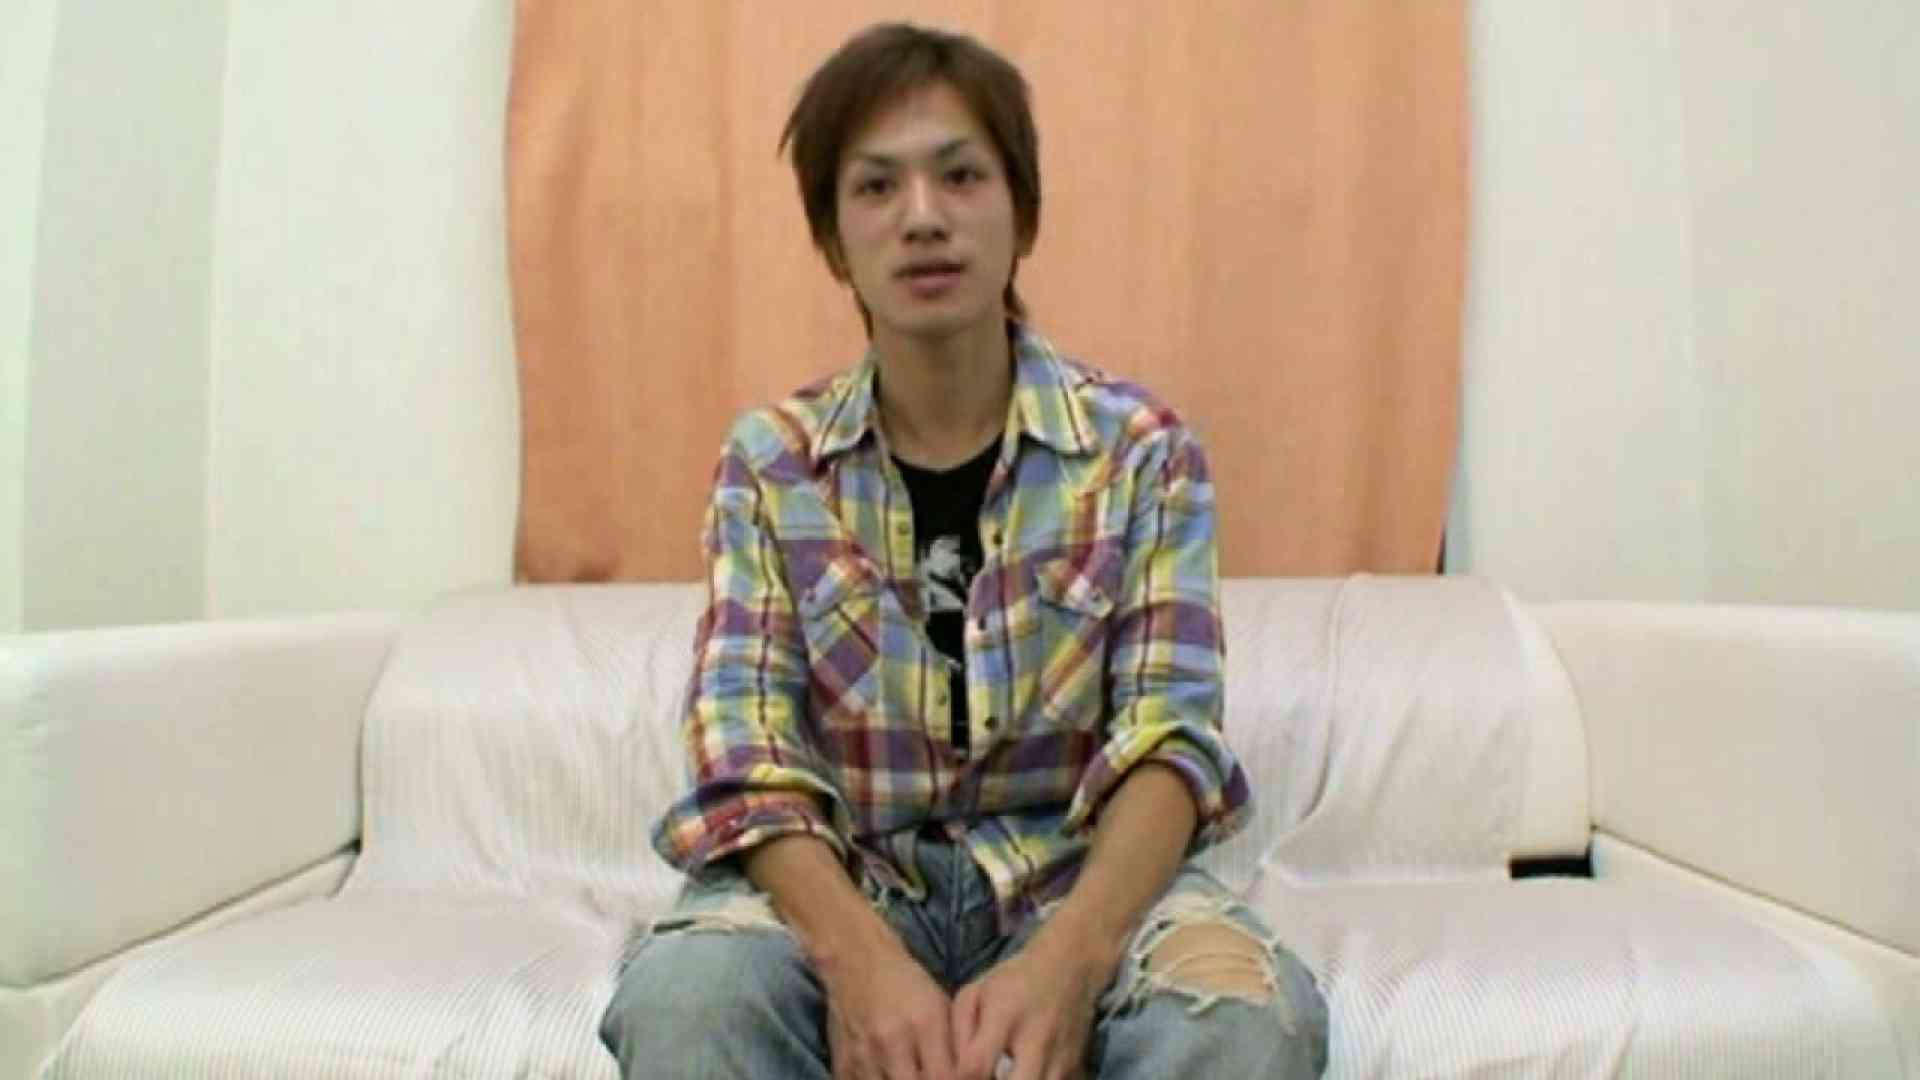 ノンケ!自慰スタジオ No.03 ノンケ天国 ゲイヌード画像 101pic 38